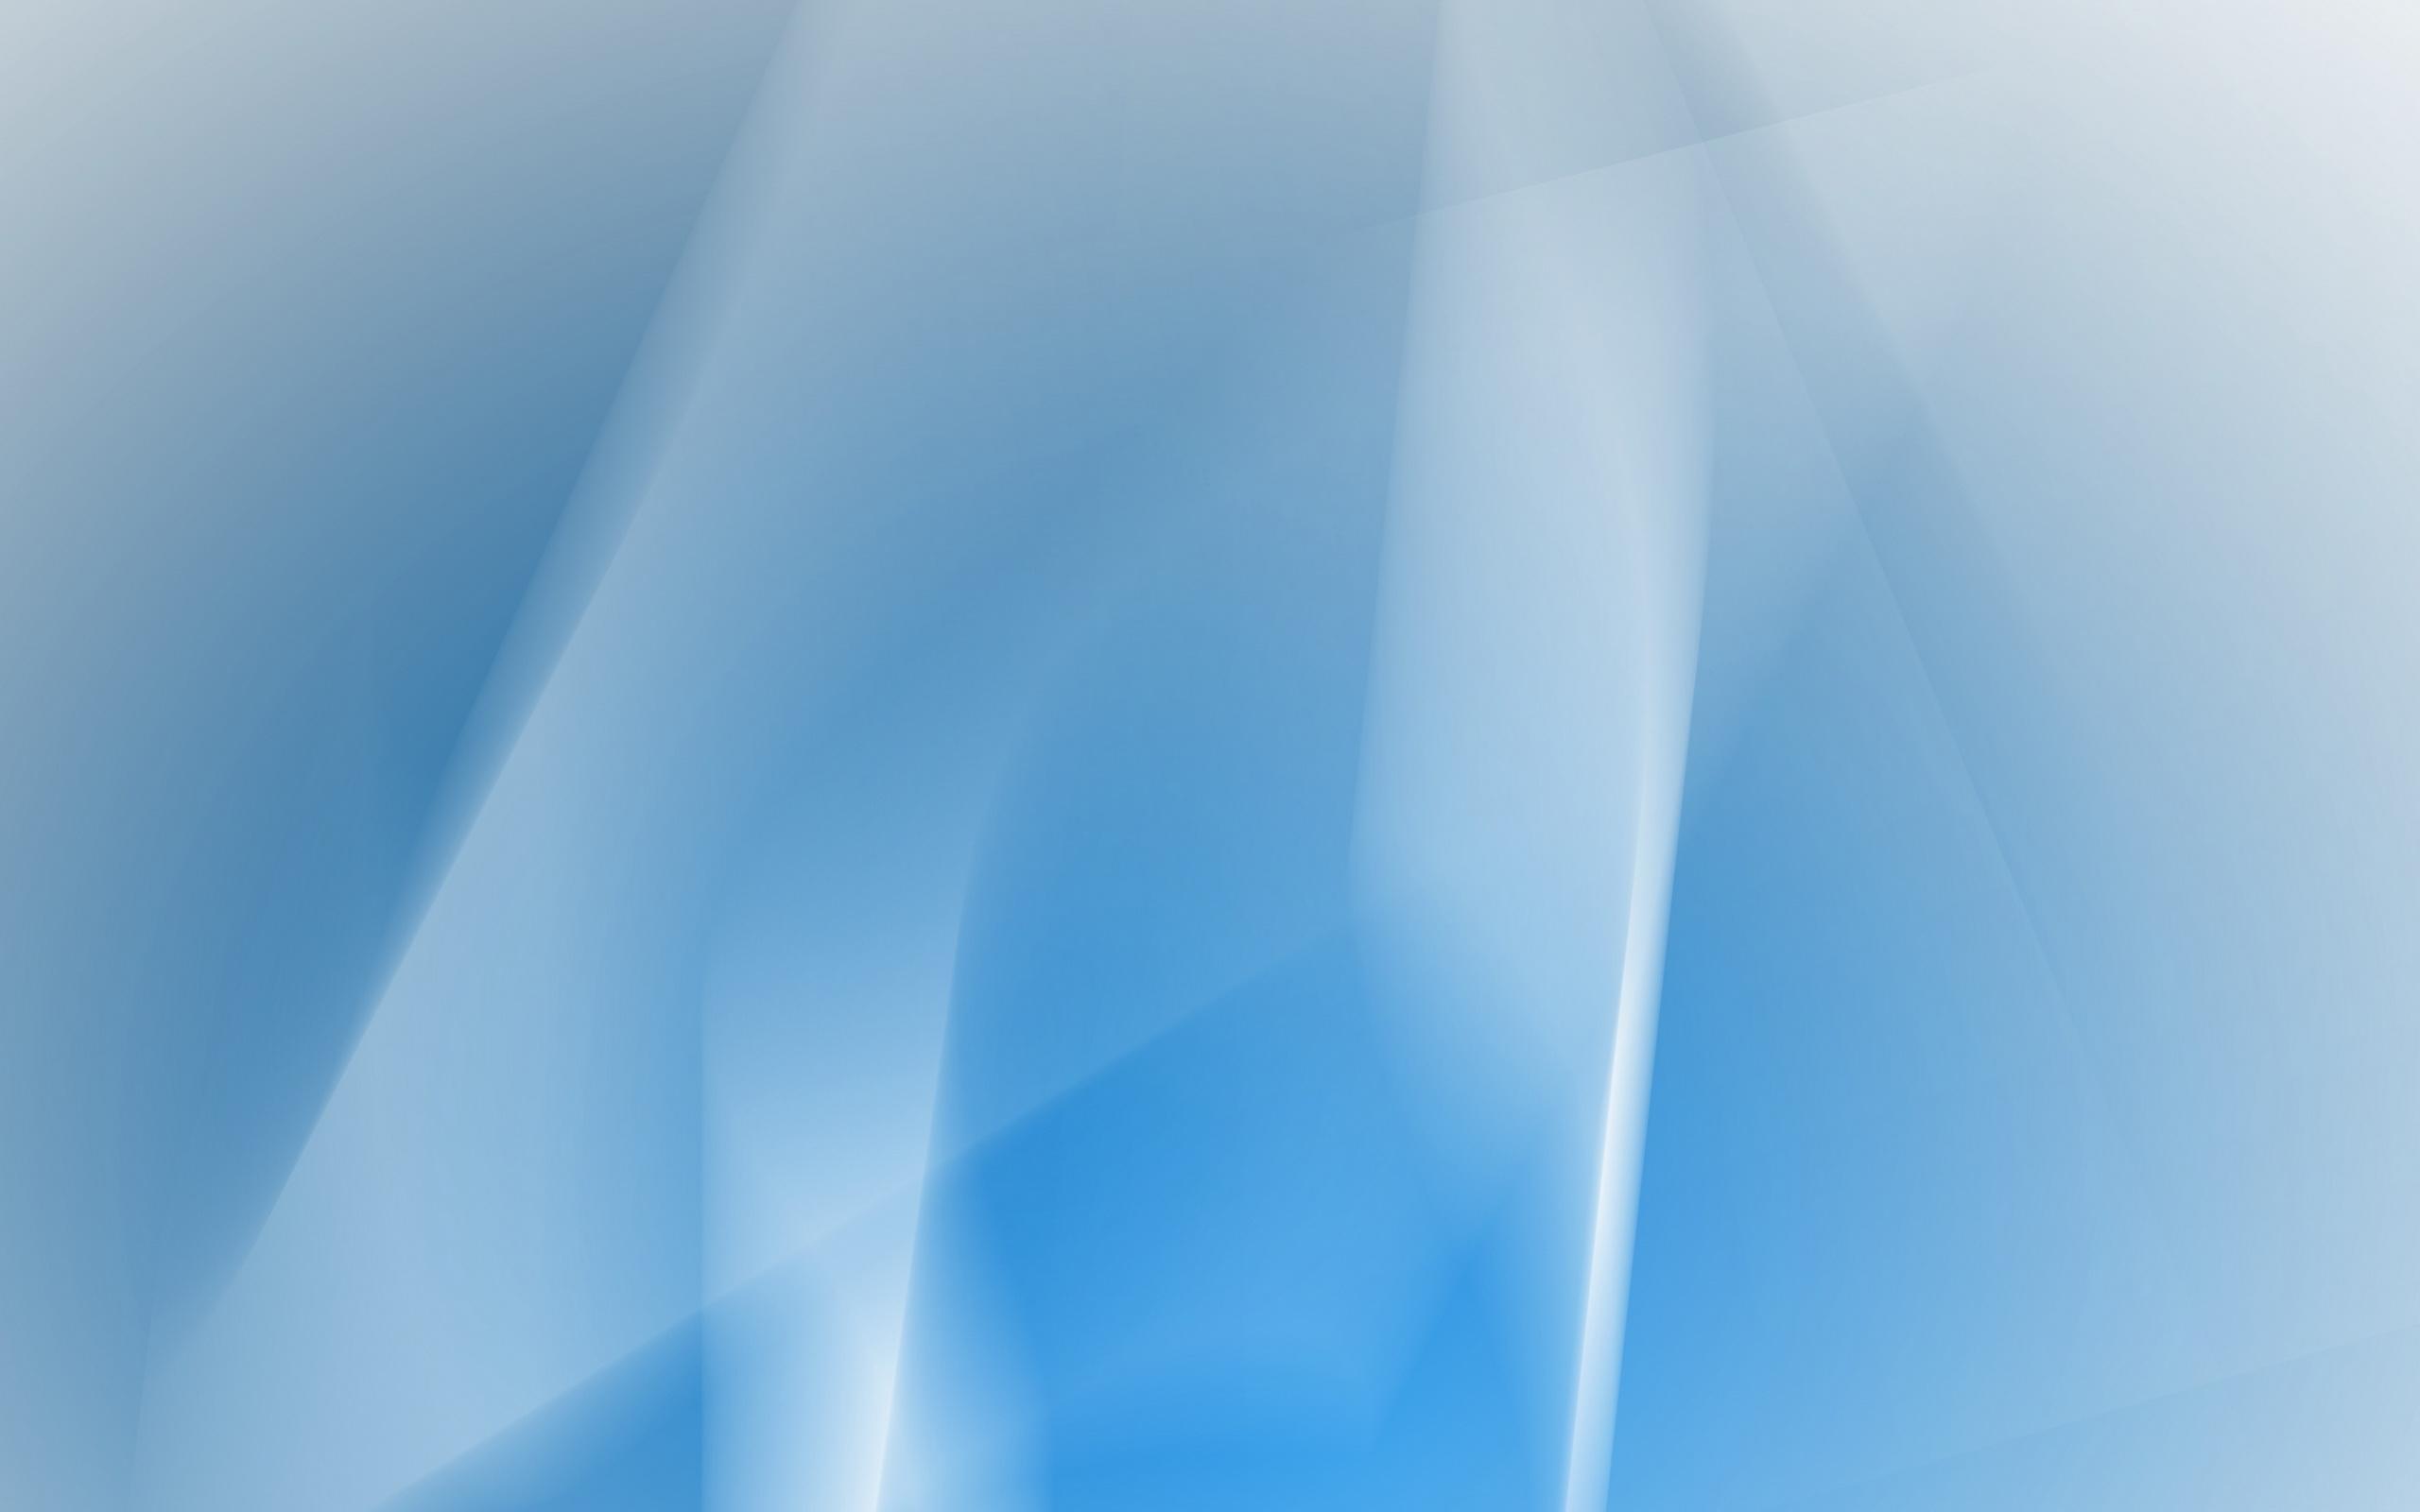 Light Blue Computer Wallpapers Desktop Backgrounds 2560x1600